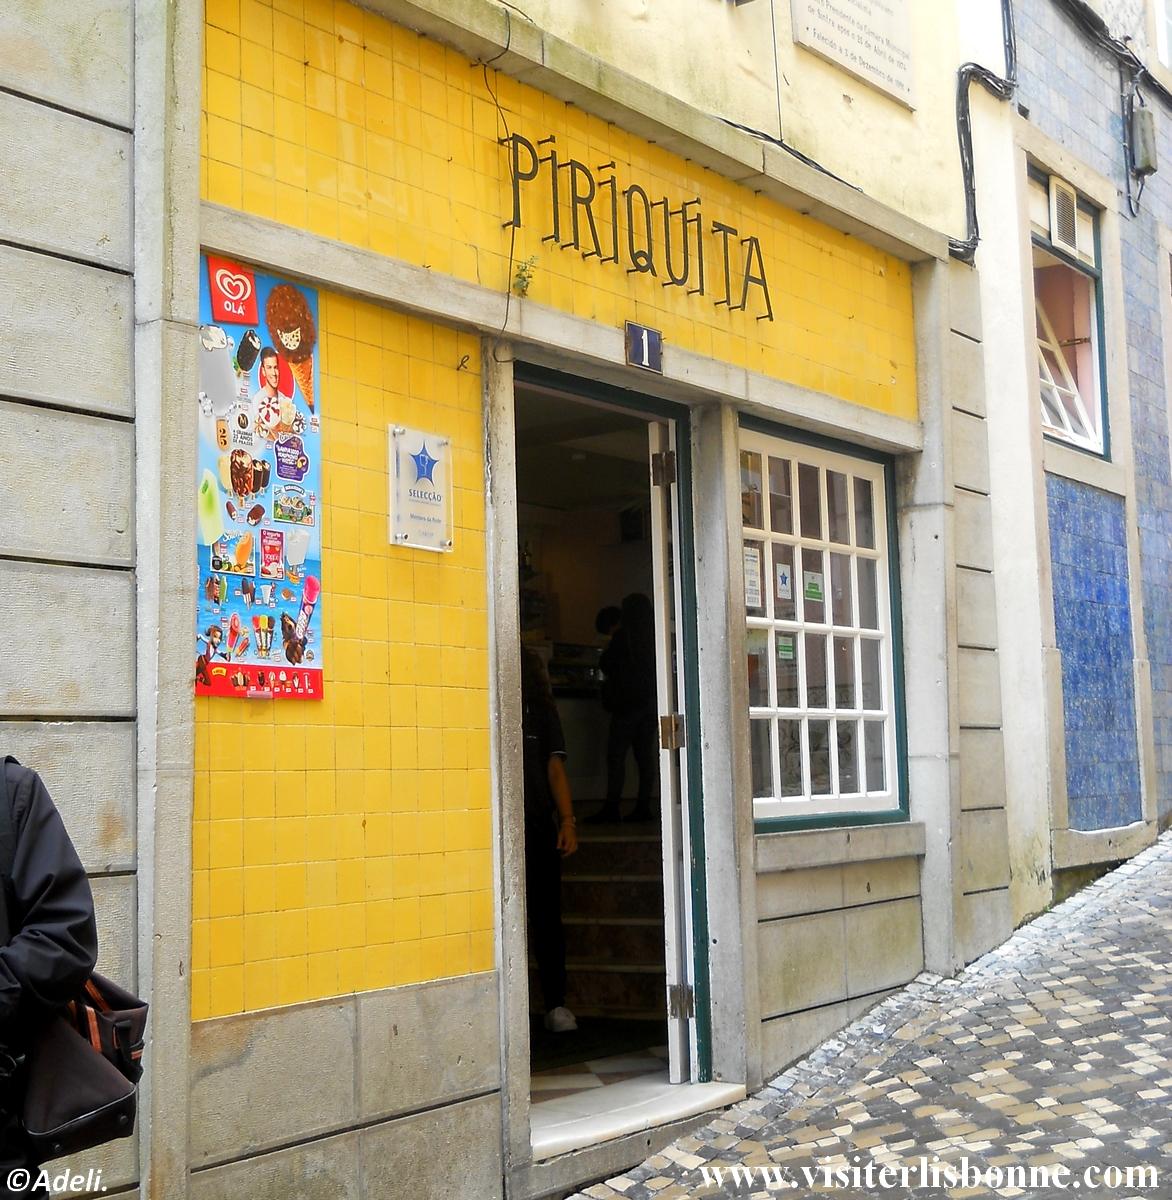 PIRIQUITA - Rua das Padarias - Sintra